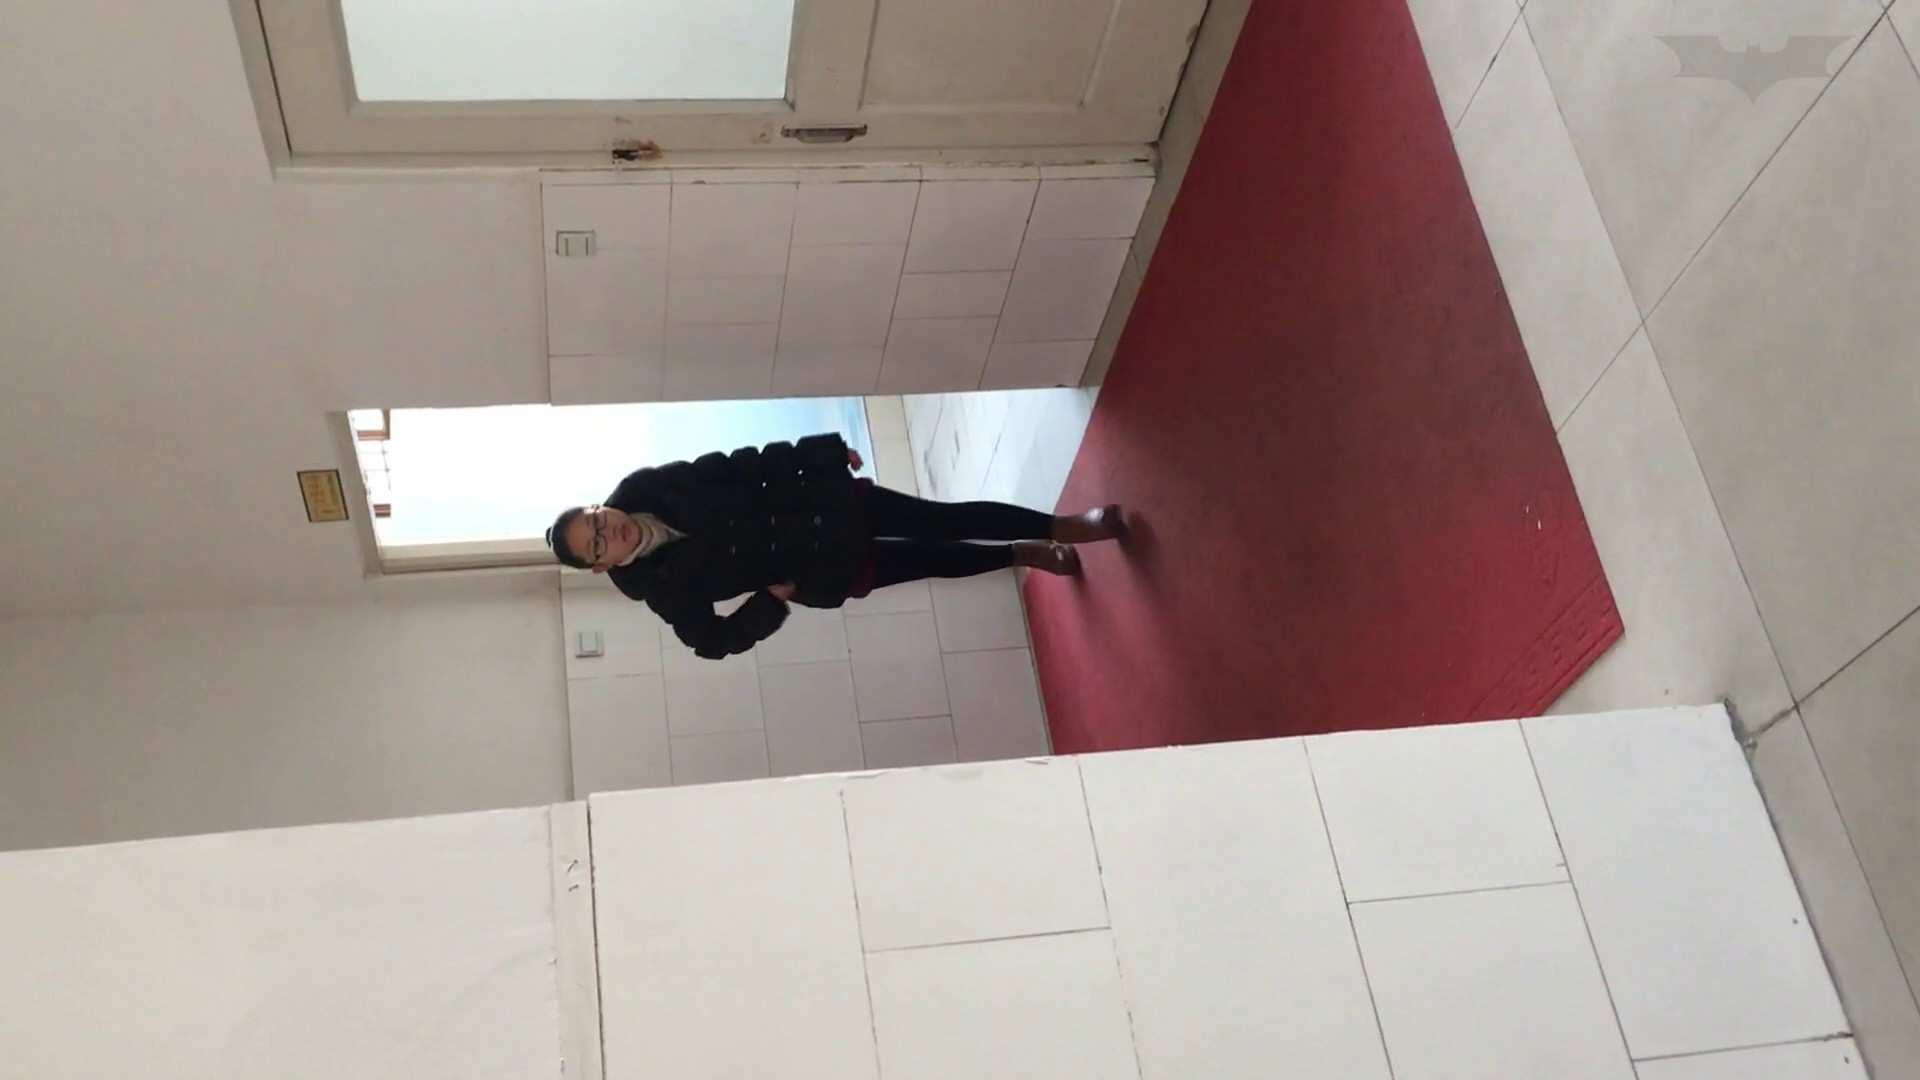 芸術大学ガチ潜入盗撮 JD盗撮 美女の洗面所の秘密 Vol.84 潜入 すけべAV動画紹介 54PIX 34